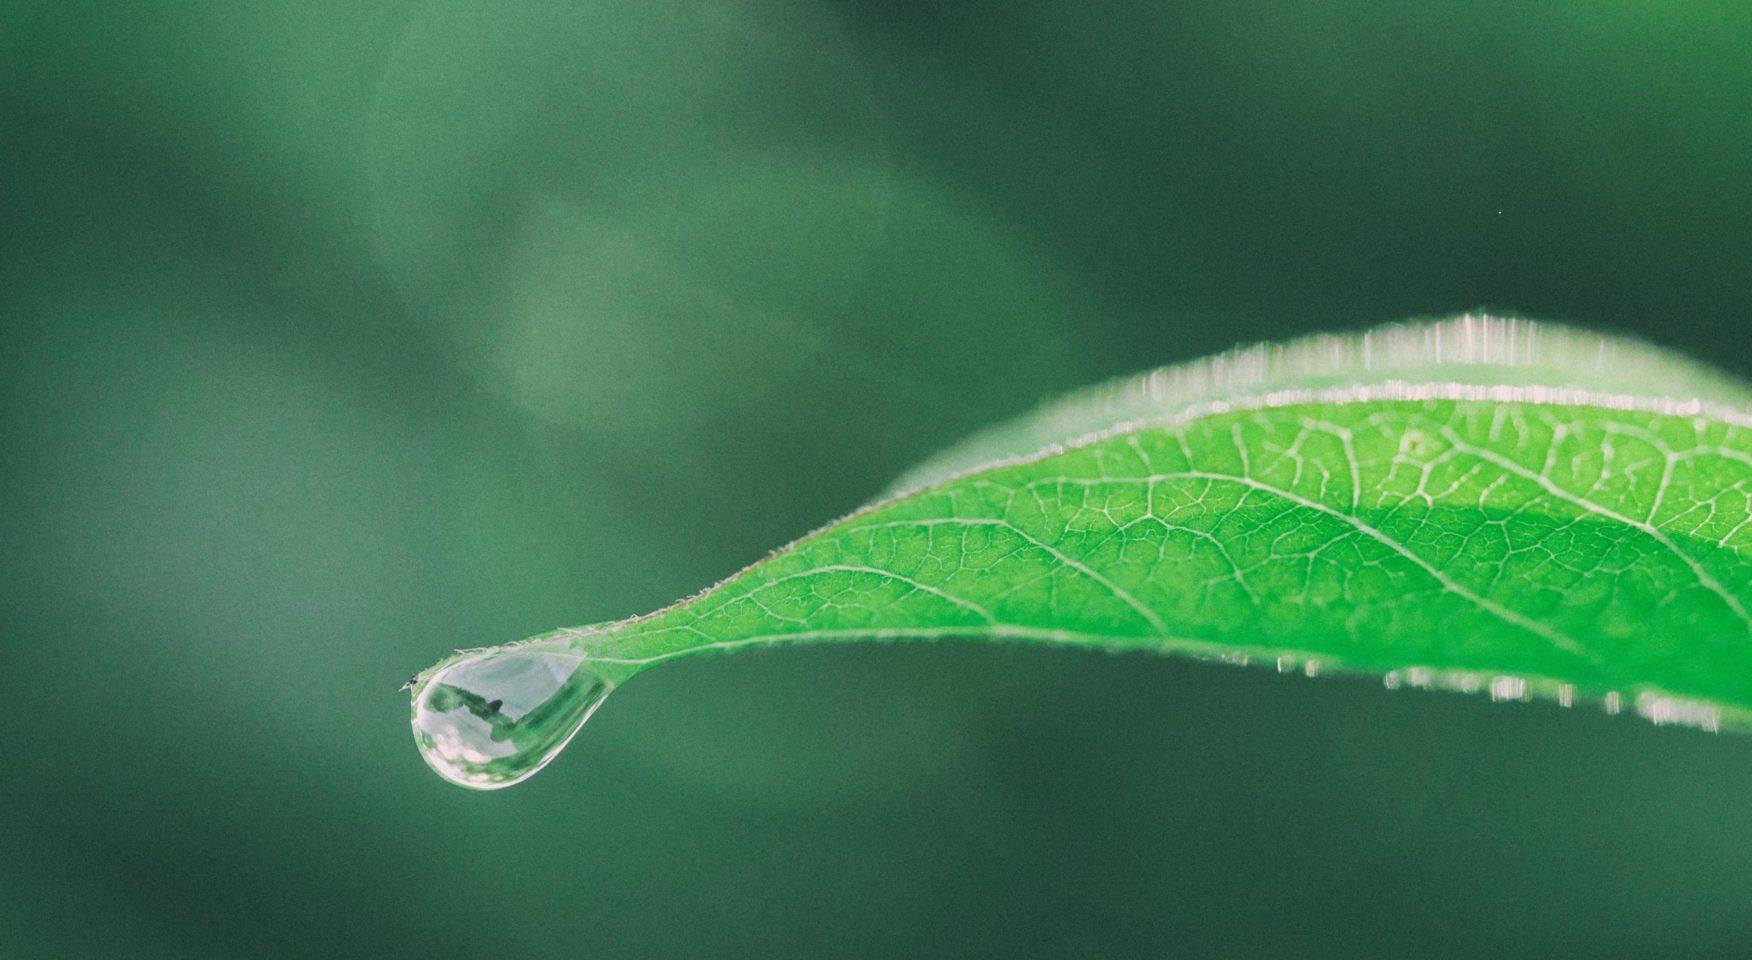 Single green leaf with dew drop